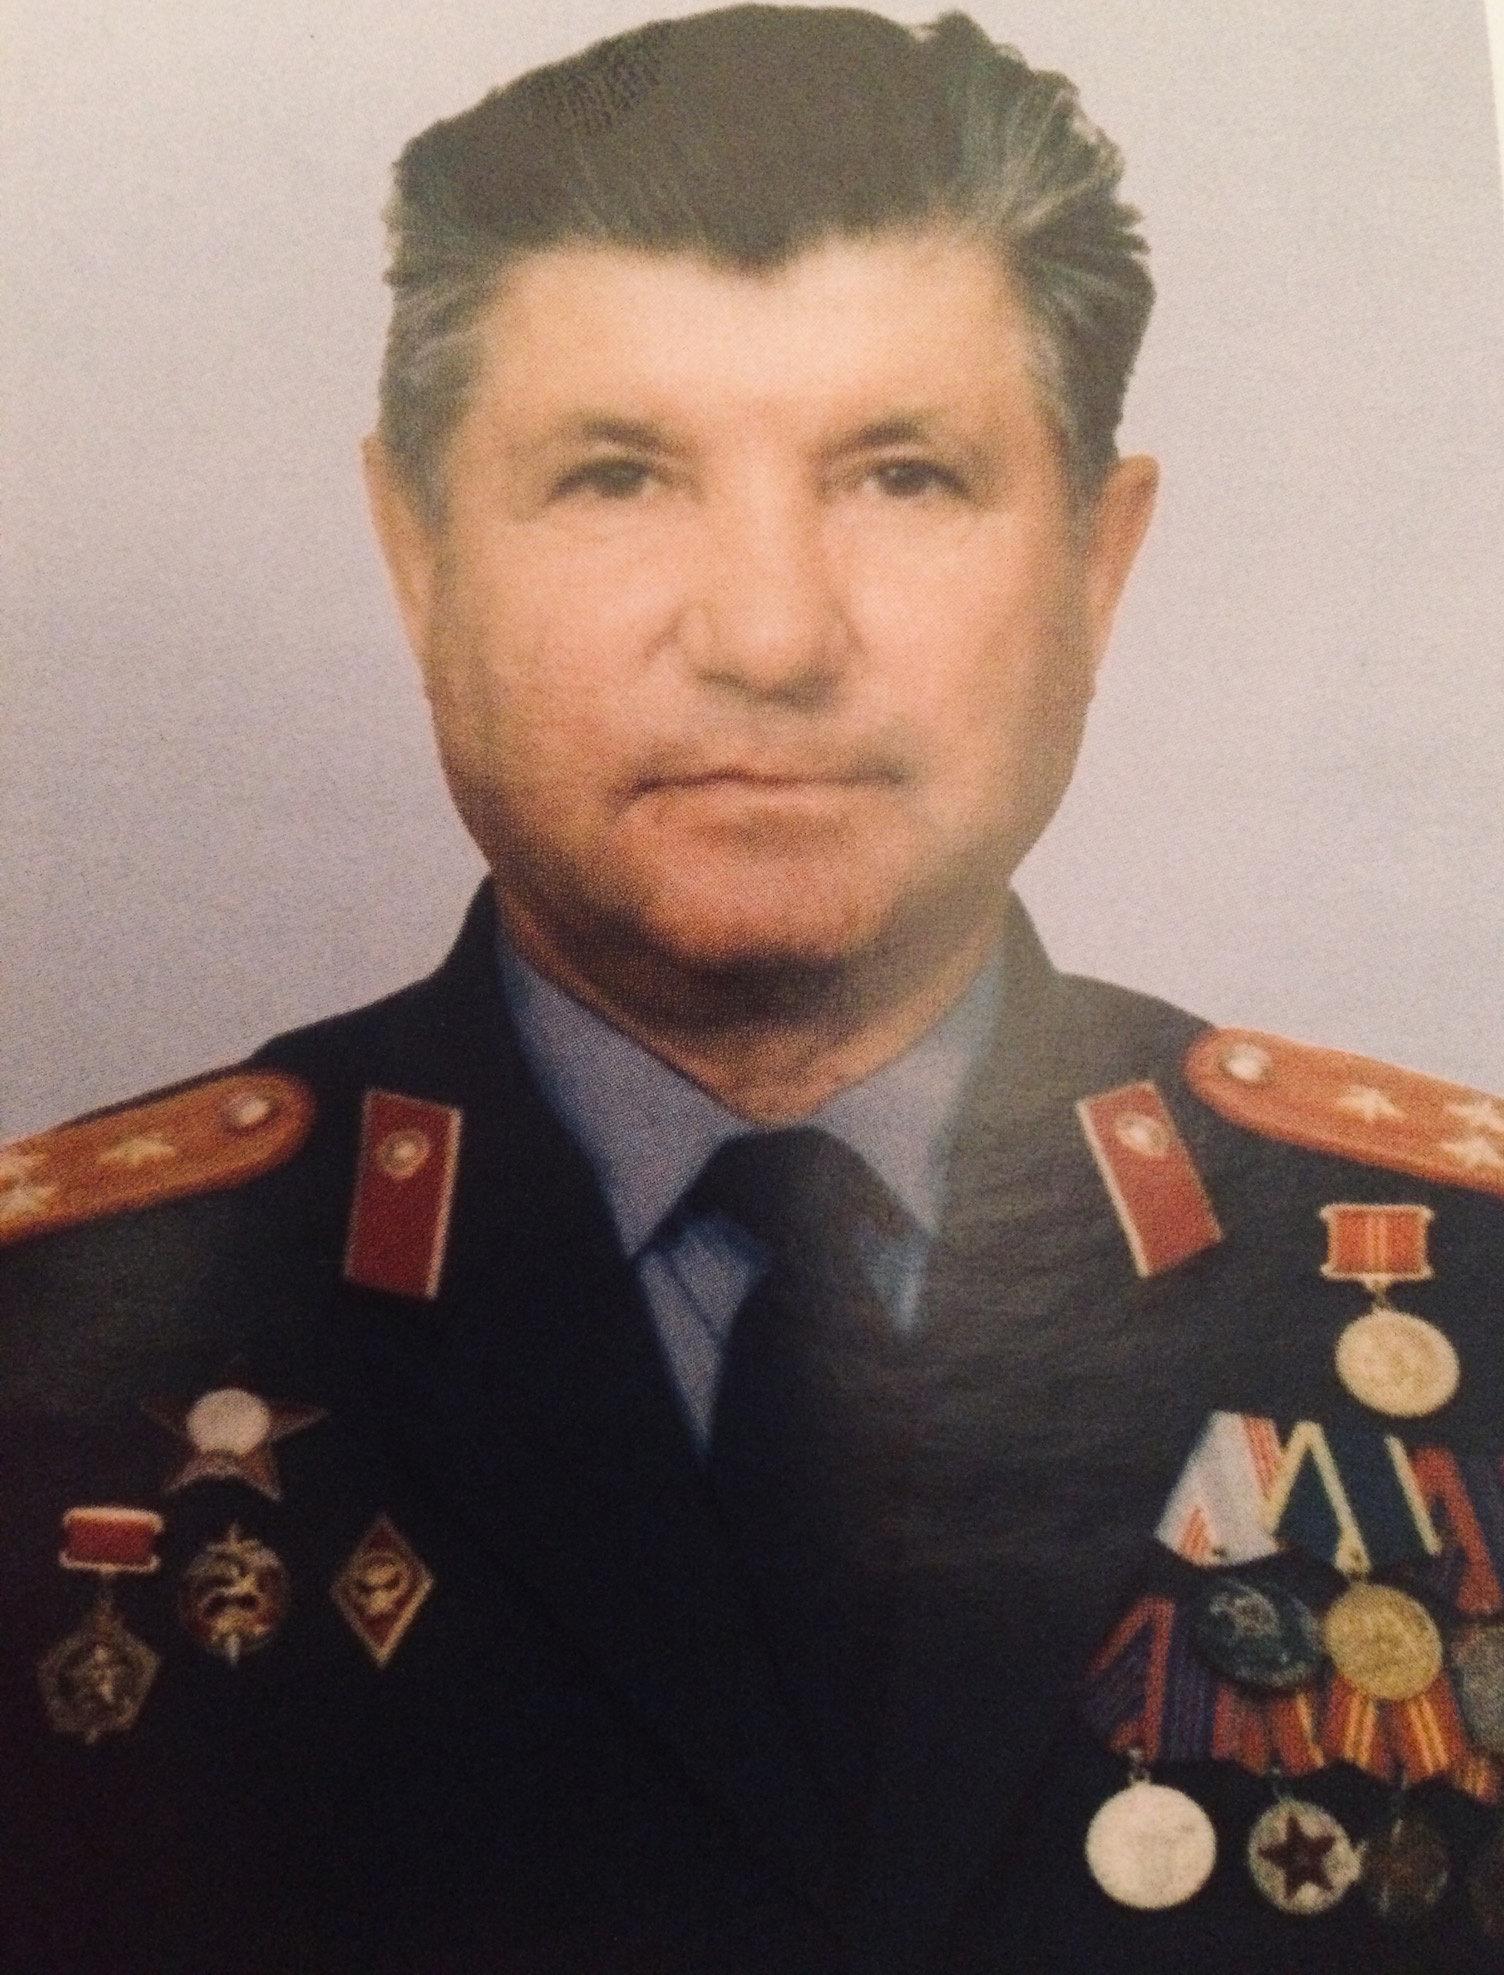 Известный казахстанский сыщик Николай Буран